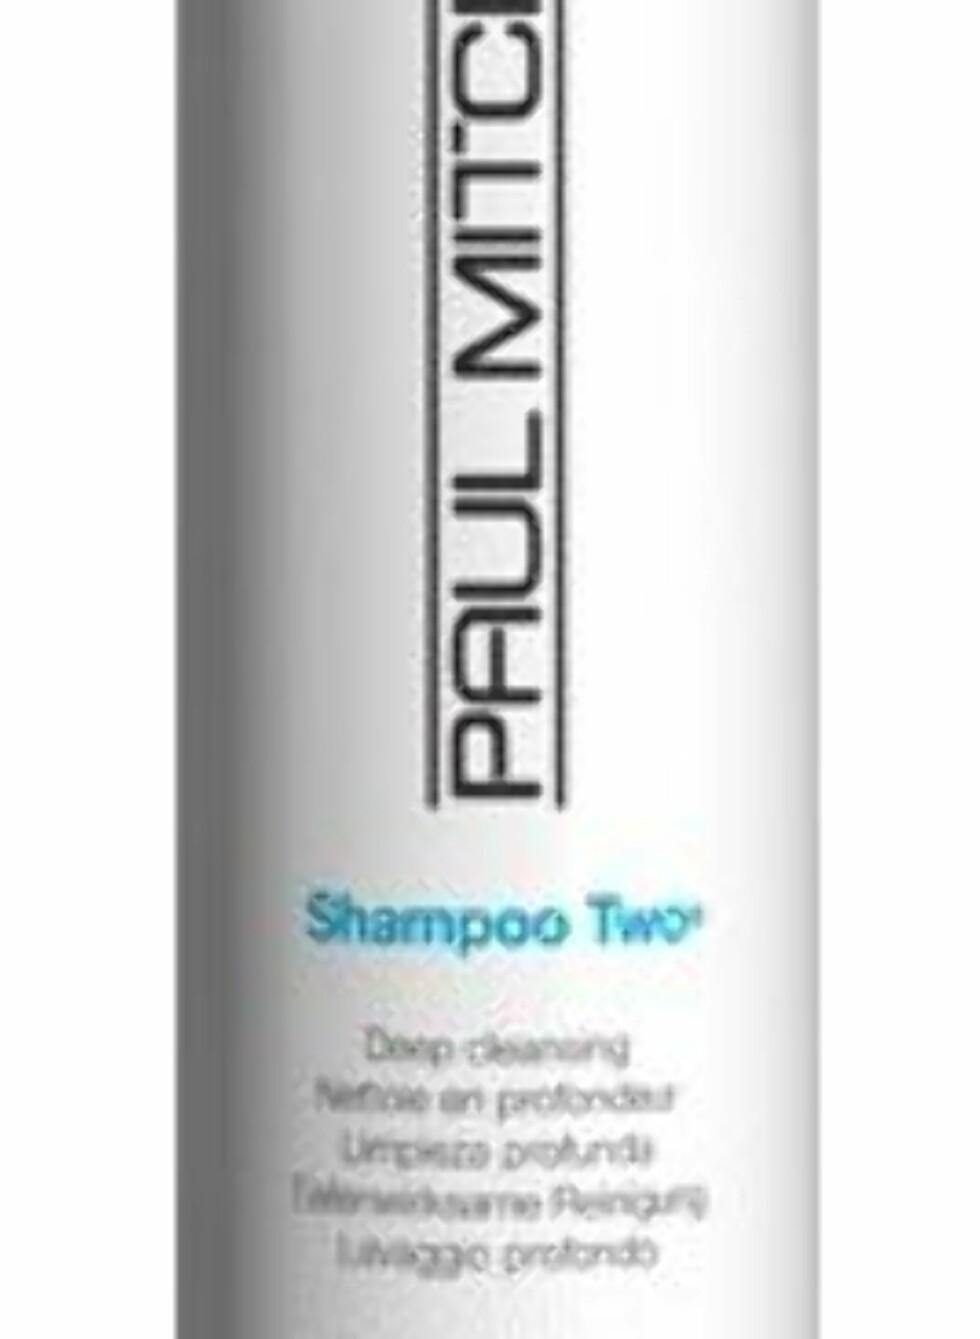 Paul Mitchell Clarifying Shampoo Two fjerner klor og urenheter og kan med hell brukes etter svømming for å fjerne klorrester og grønnskjær, veil kr 216. Foto: Produsenten